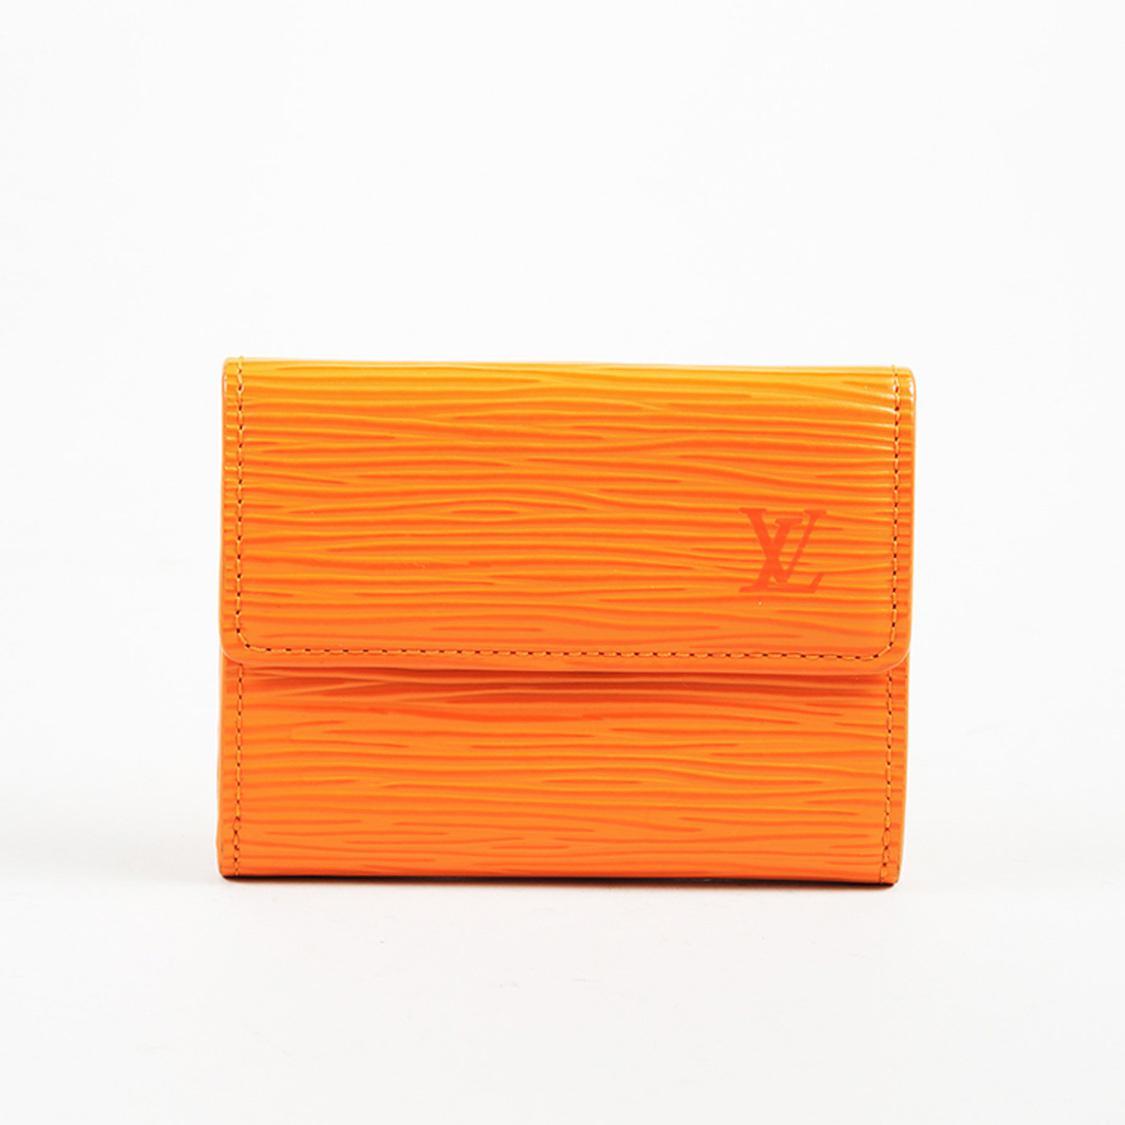 1757957367d2 Louis Vuitton